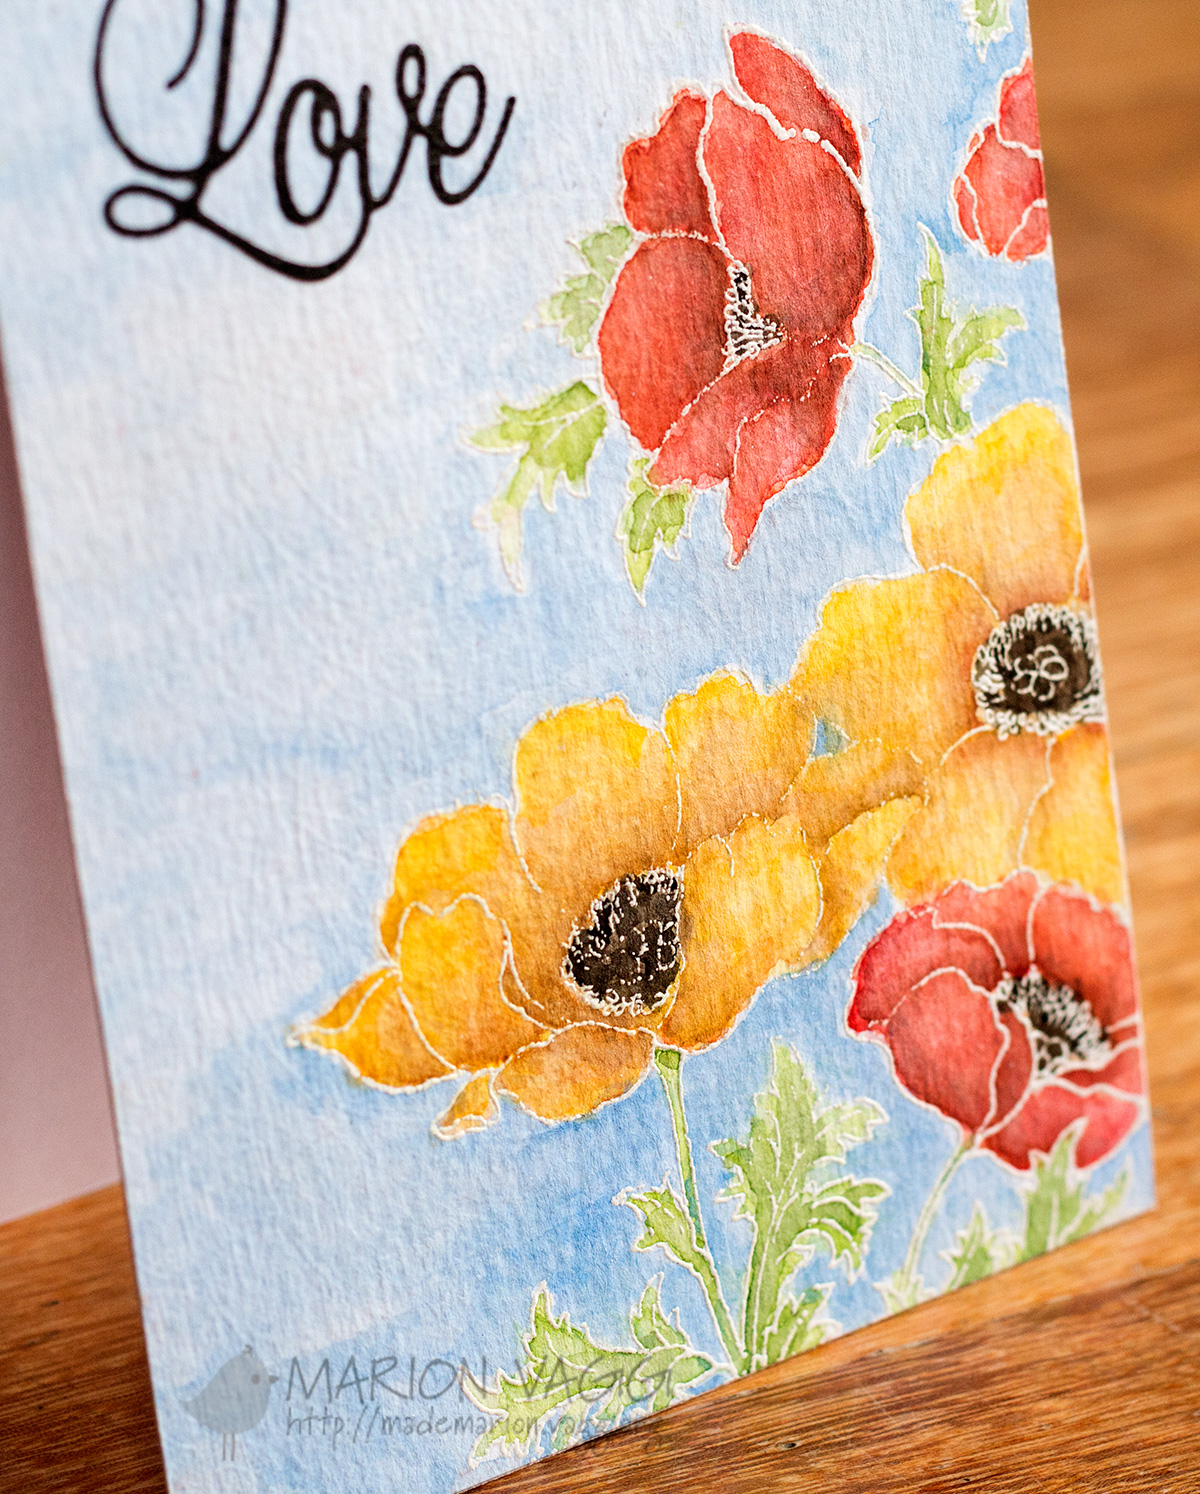 PB Love detail | Marion Vagg